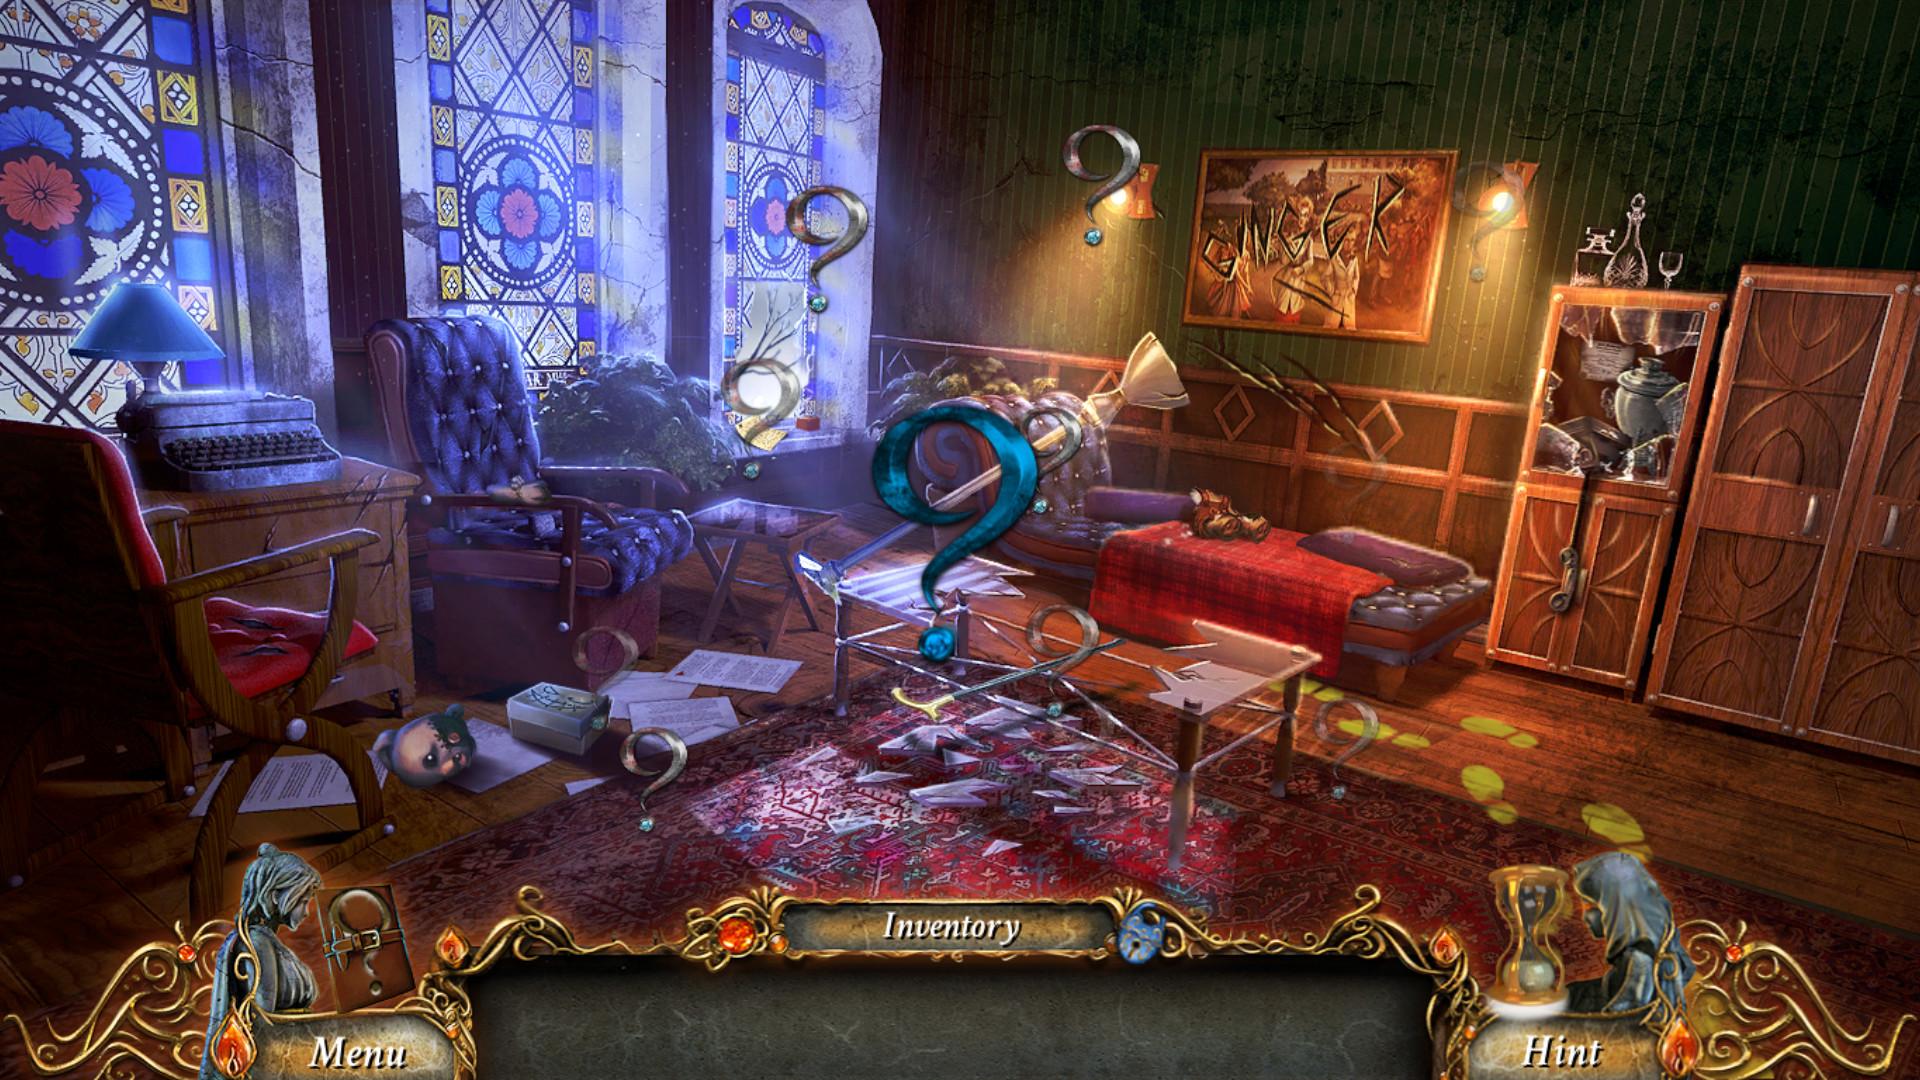 Страшные игры для взрослых на русском языке, Страшные игры онлайн - играть бесплатно 1 фотография